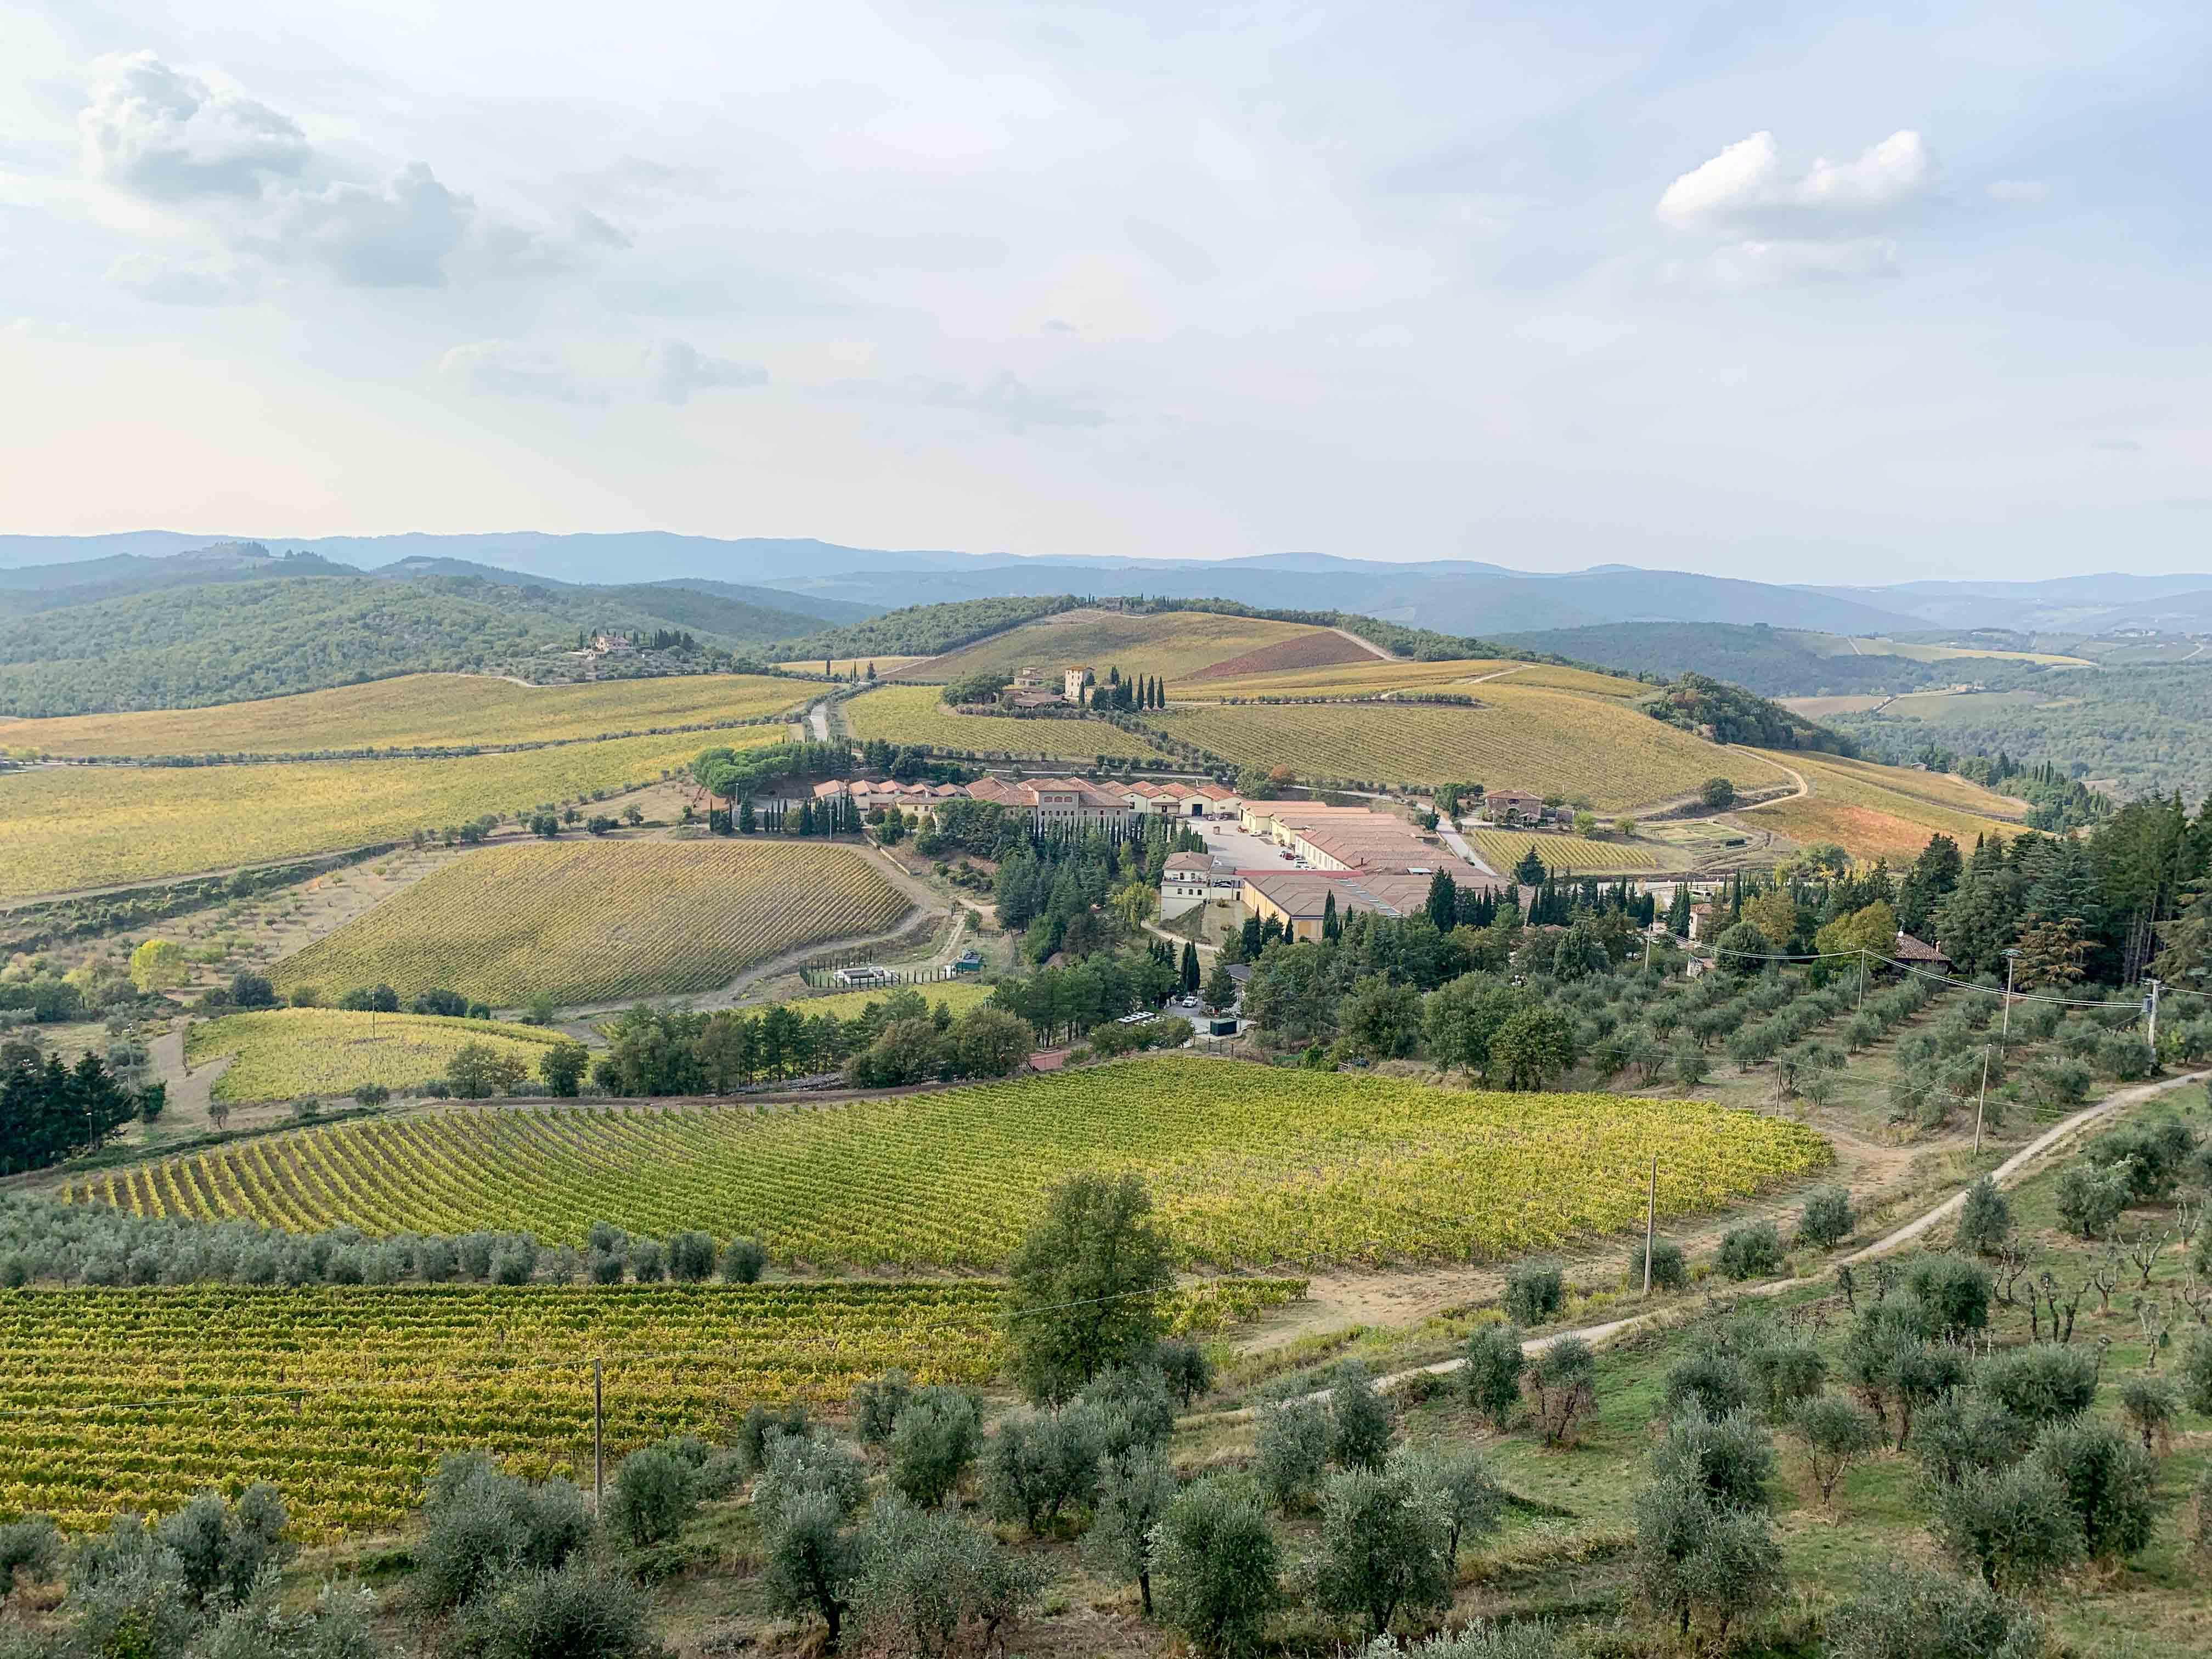 View from Castello di Brolio